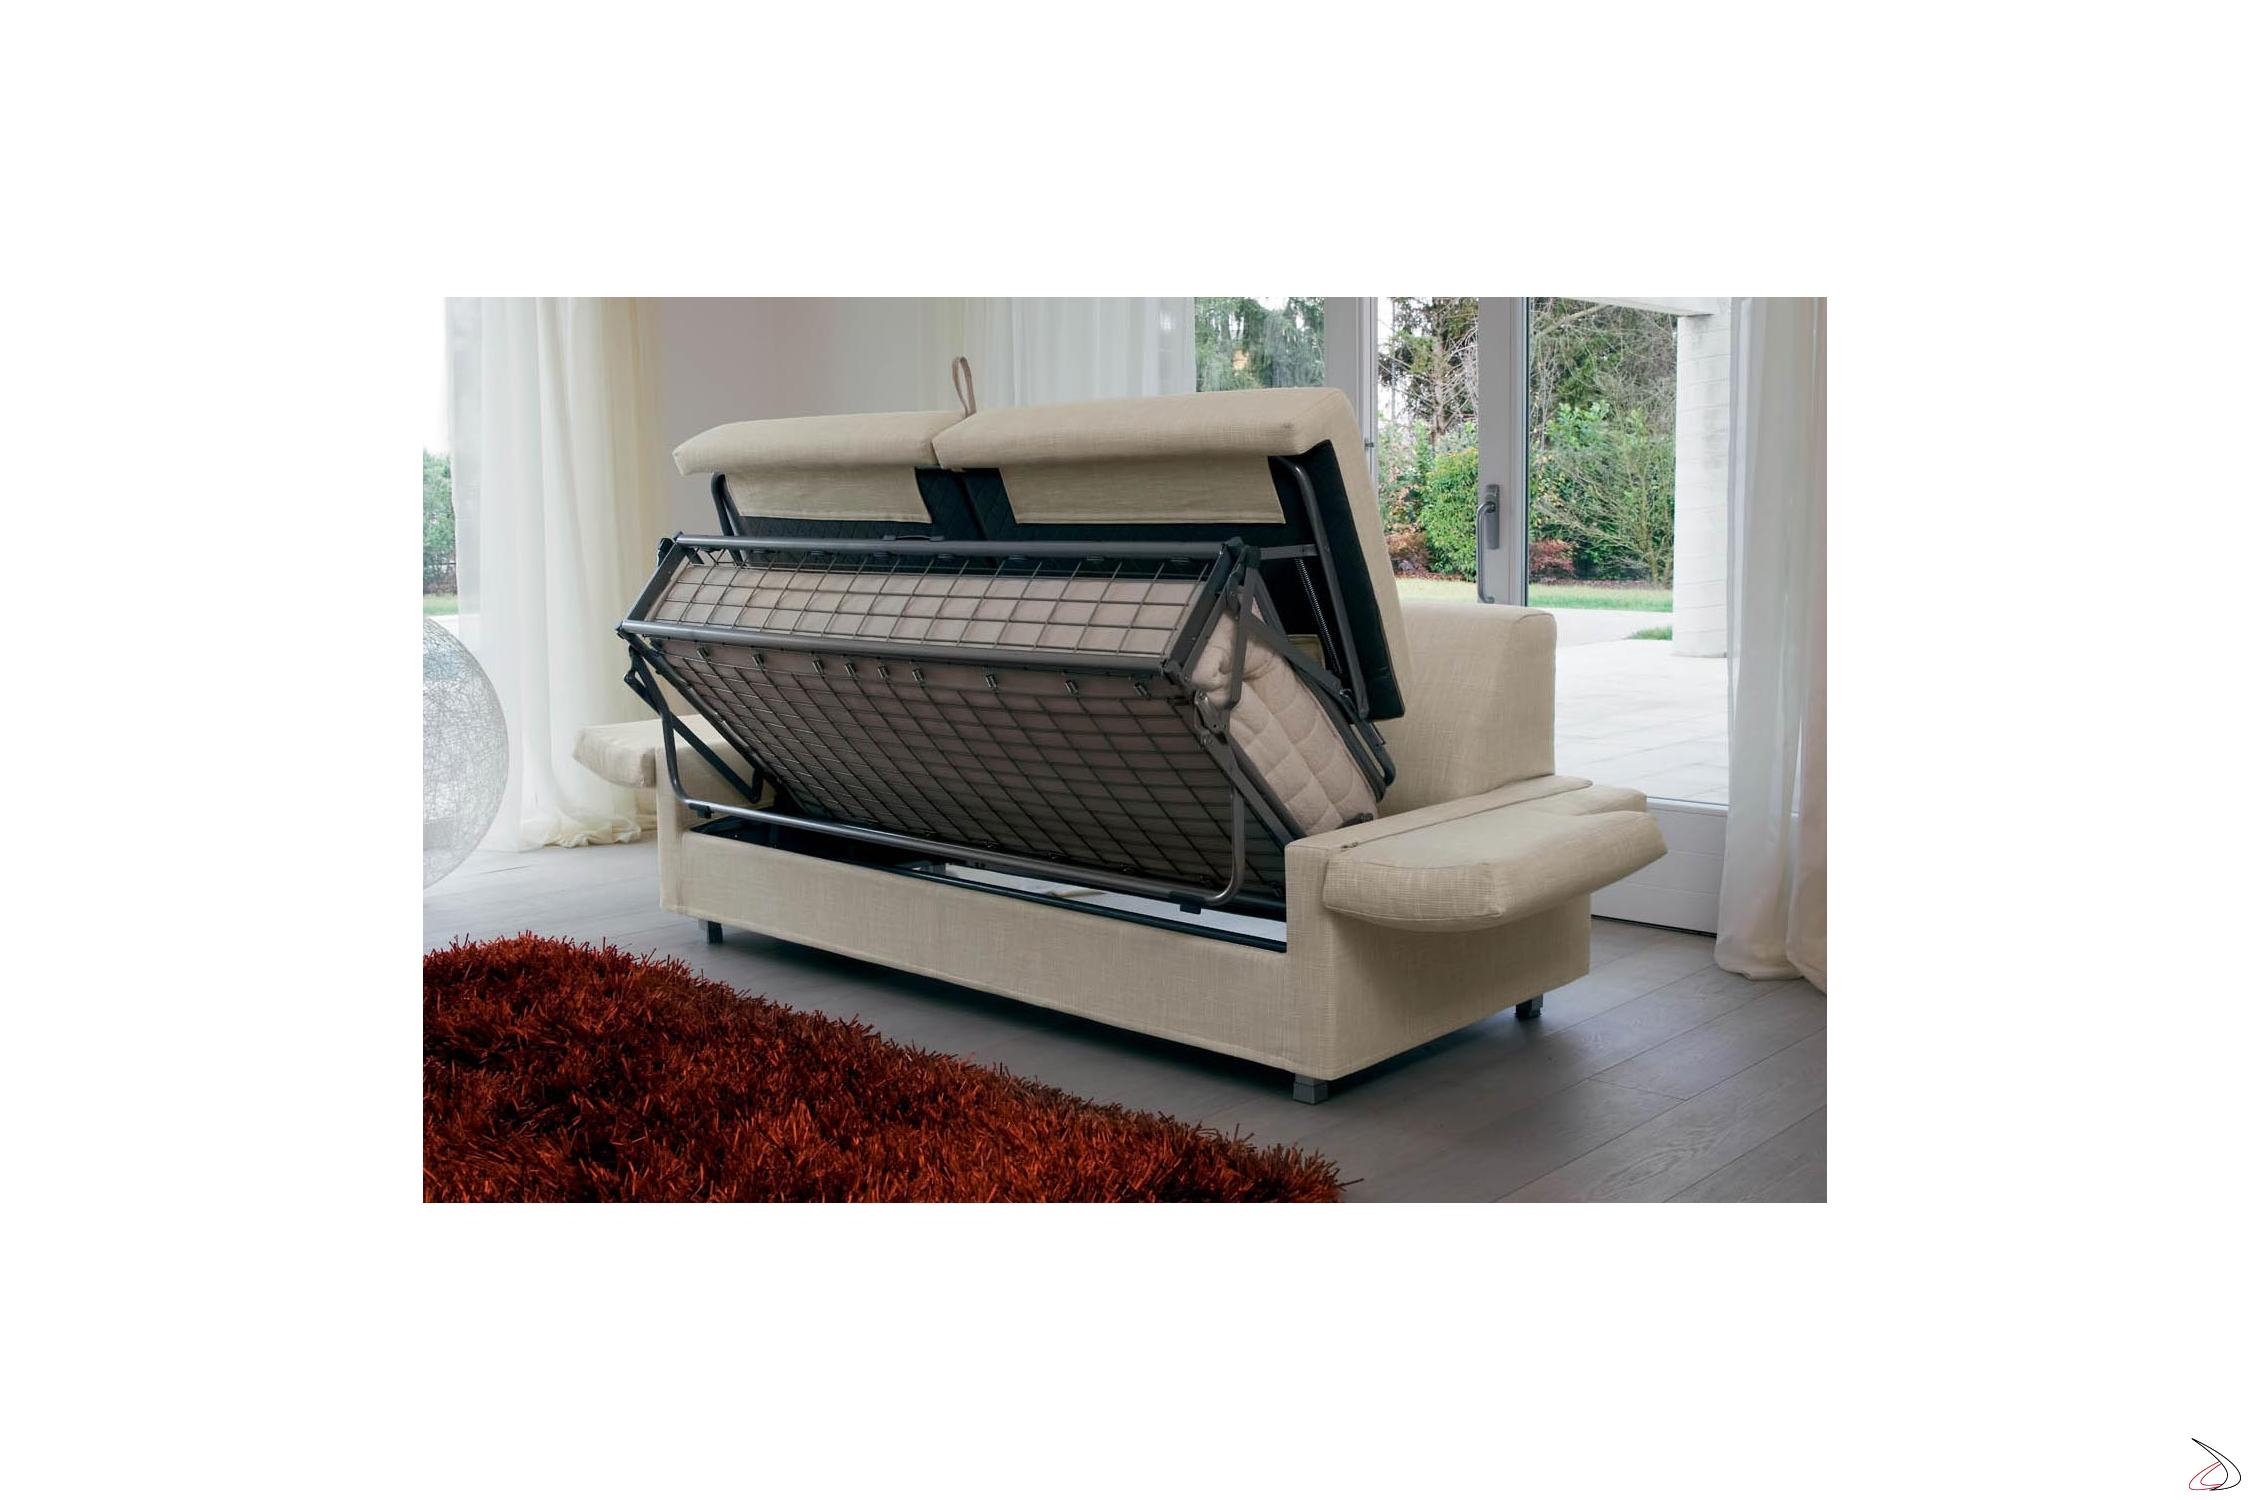 Divano Letto Con Materasso Ortopedico.Cougar Sofa Bed With Low Armrests Toparredi Arredo Design Online